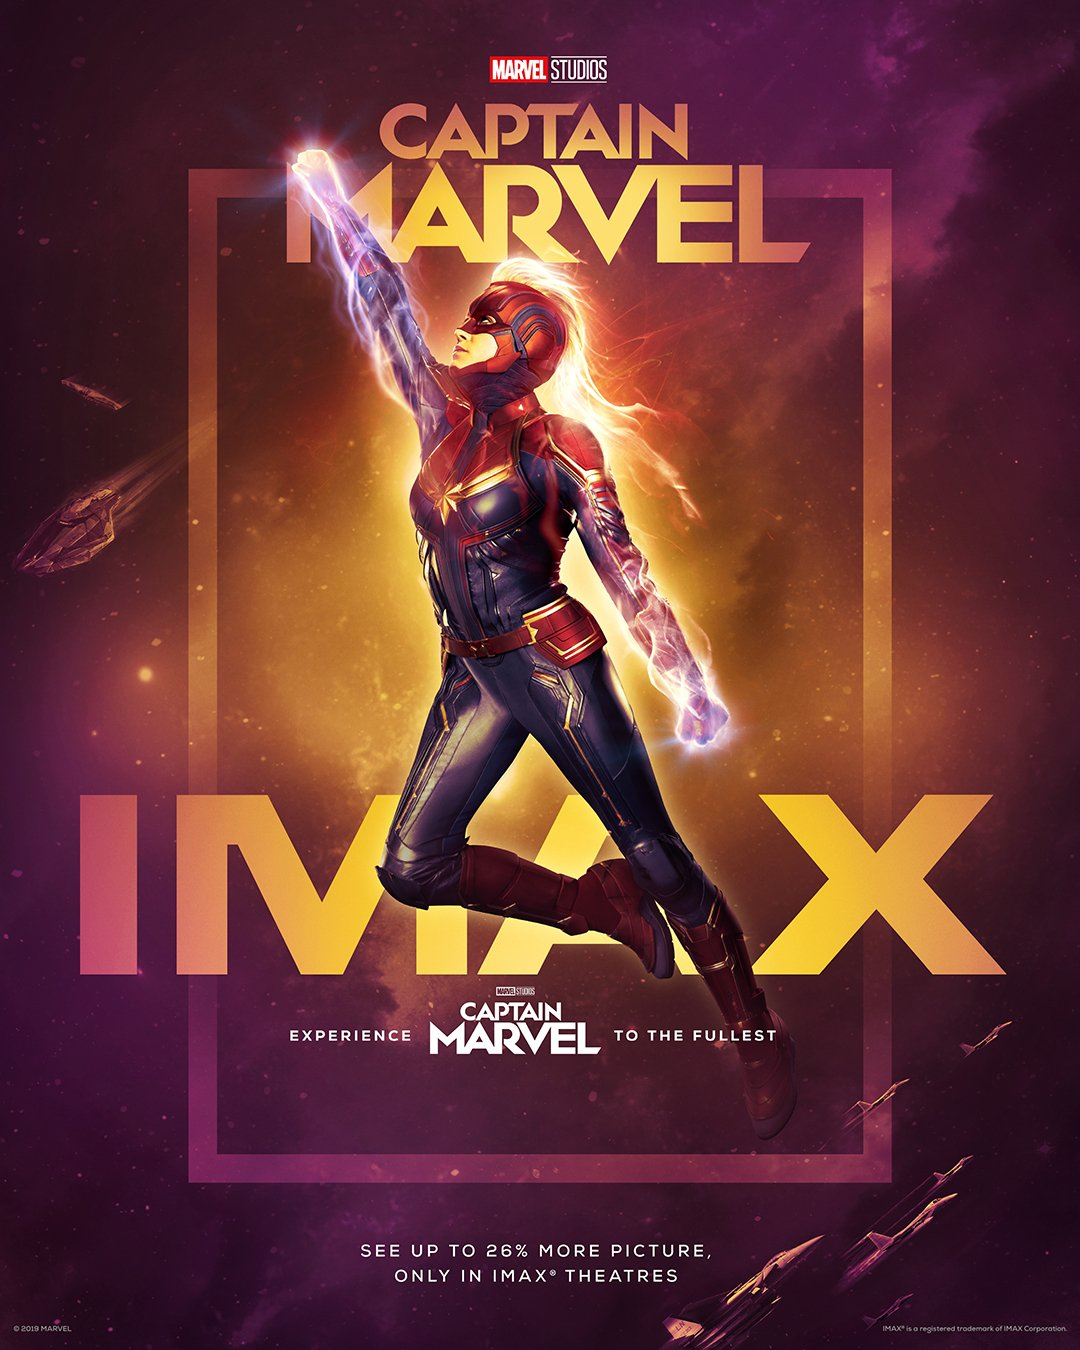 Póster IMAX de Captain Marvel (2019). Imagen: IMAX Twitter (@IMAX).